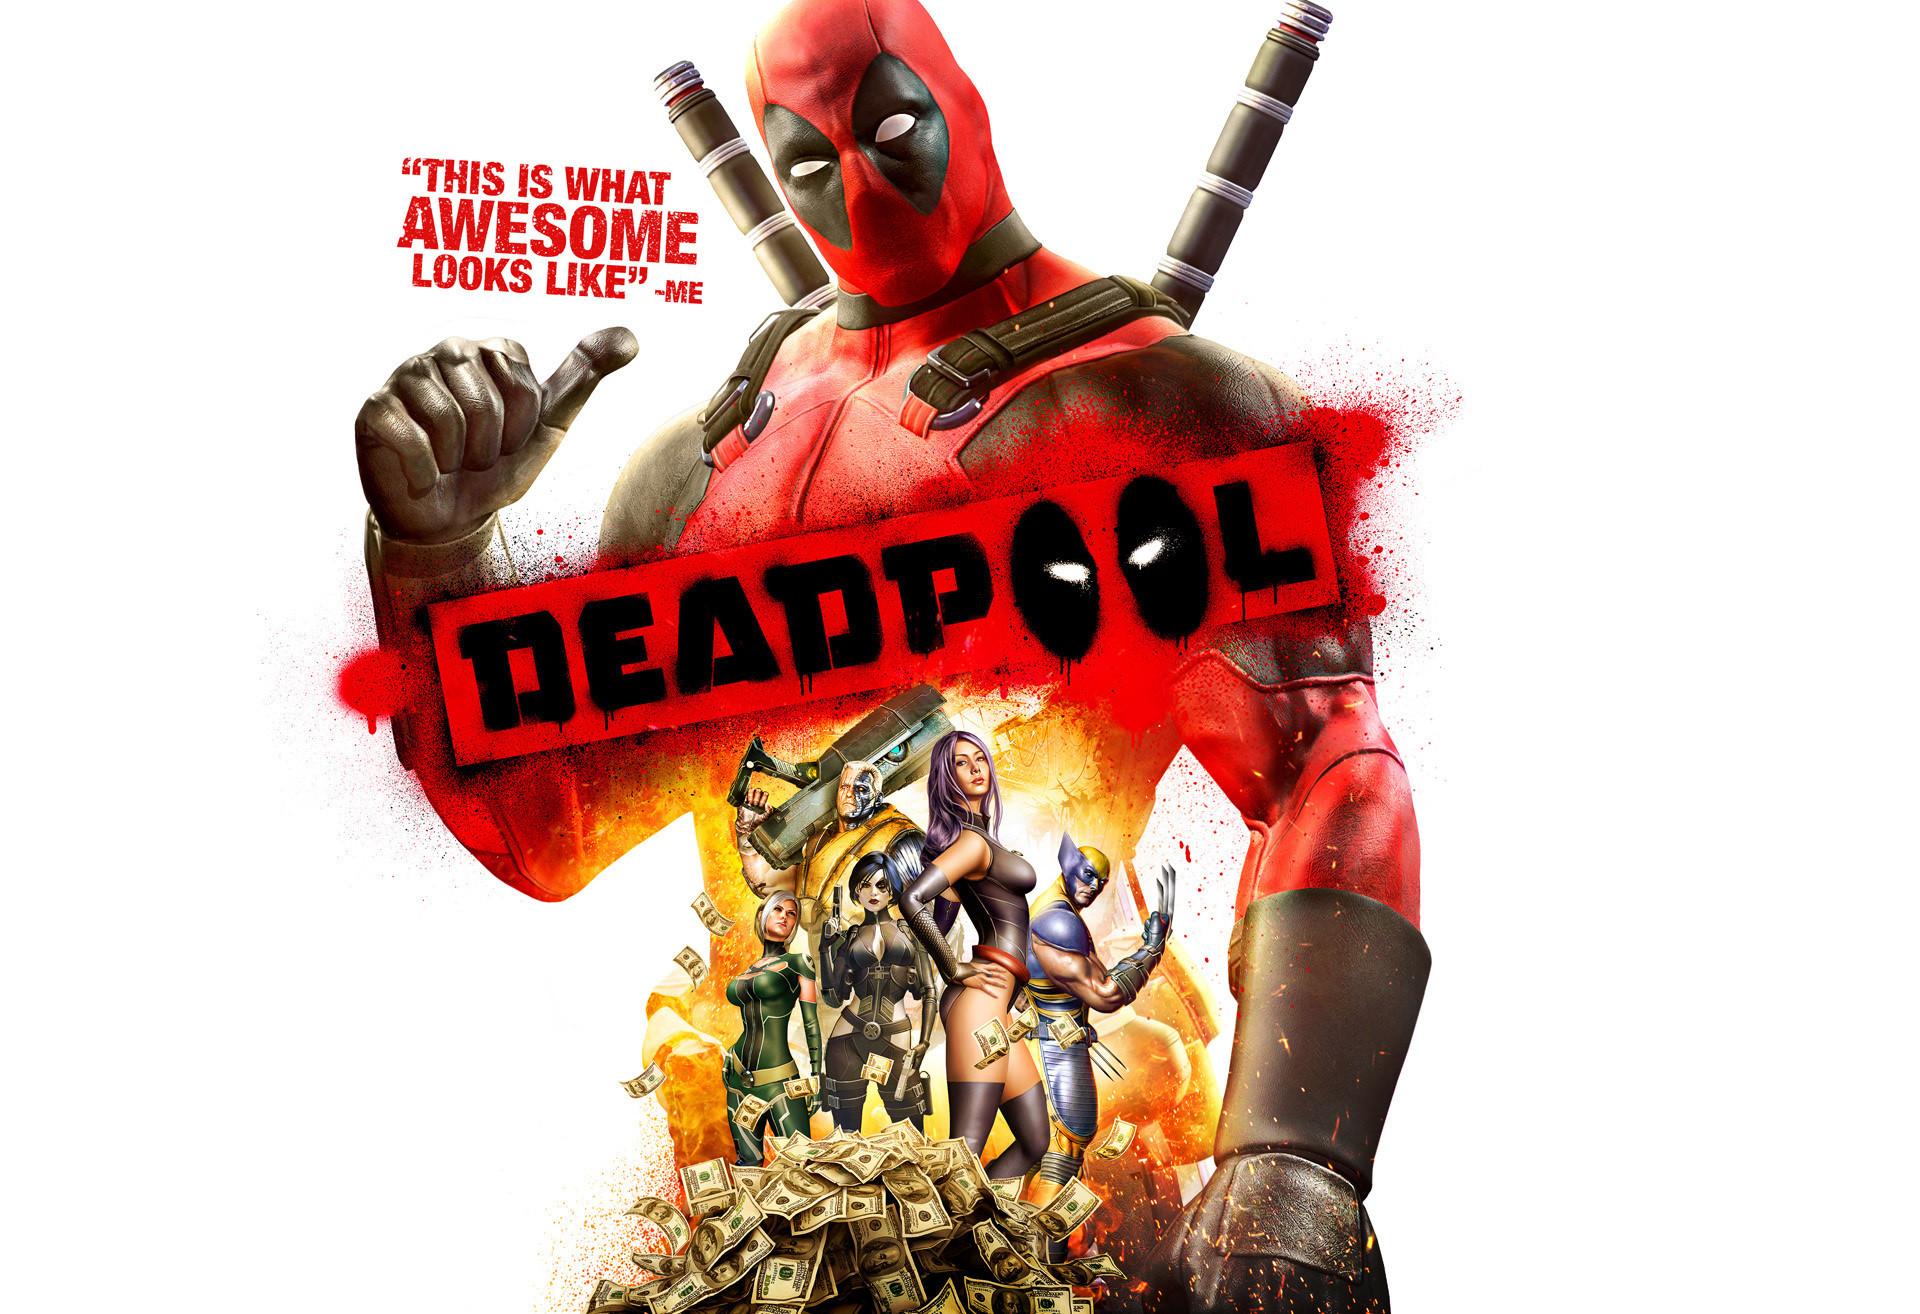 Heroes comics Deadpool hero Warrior superhero funny wallpaper      136605   WallpaperUP